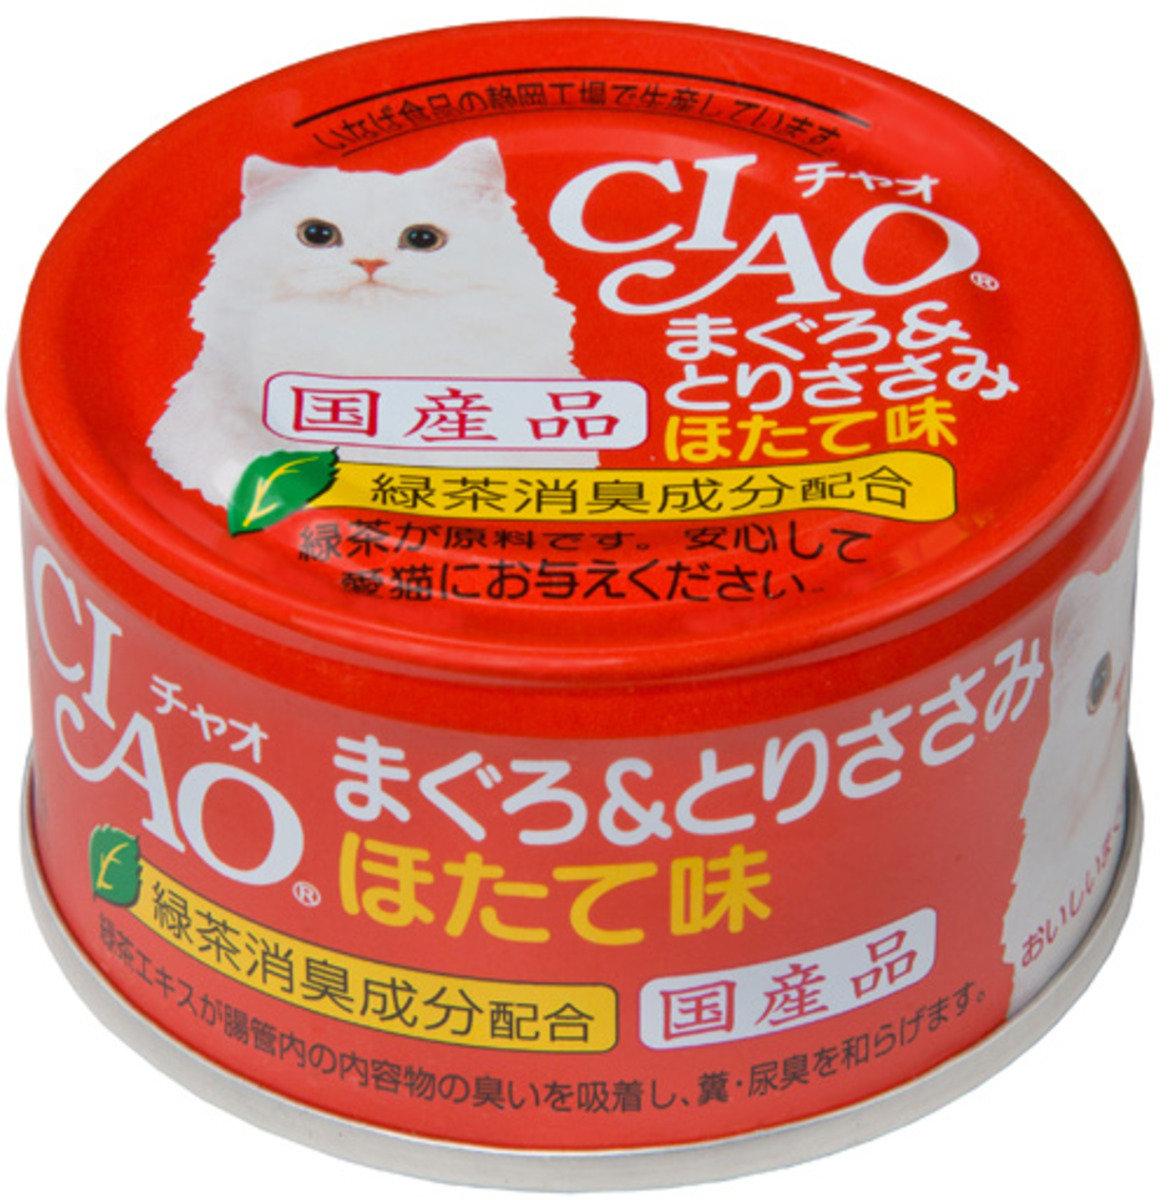 吞拿魚+雞肉 瑤柱味